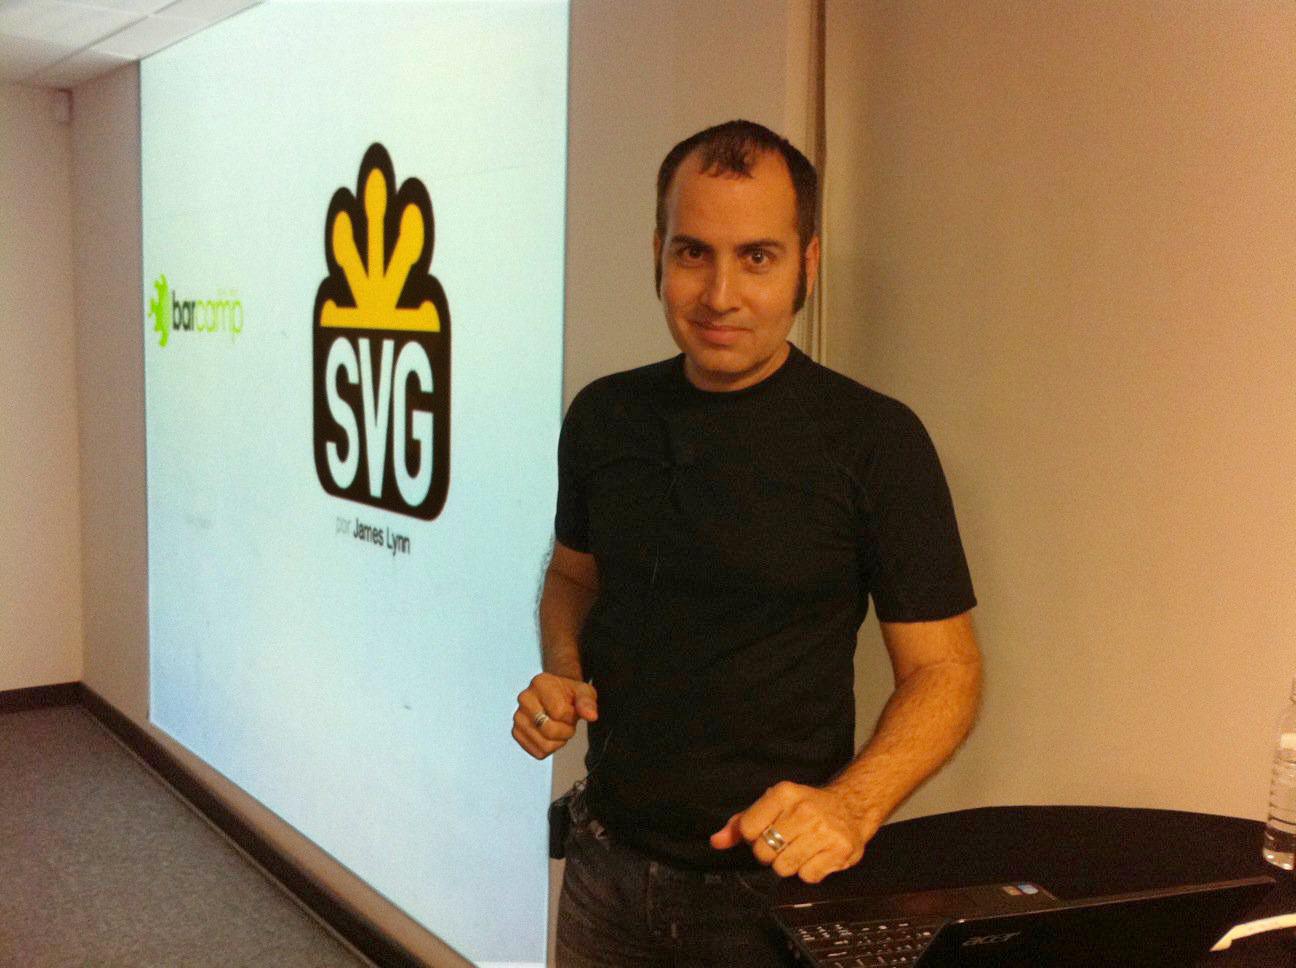 Esta foto me la tiró Jeffrey Seda @TojuntoPR justo antes de comenzar mi presentación sobre Scalable Vector Graphics.